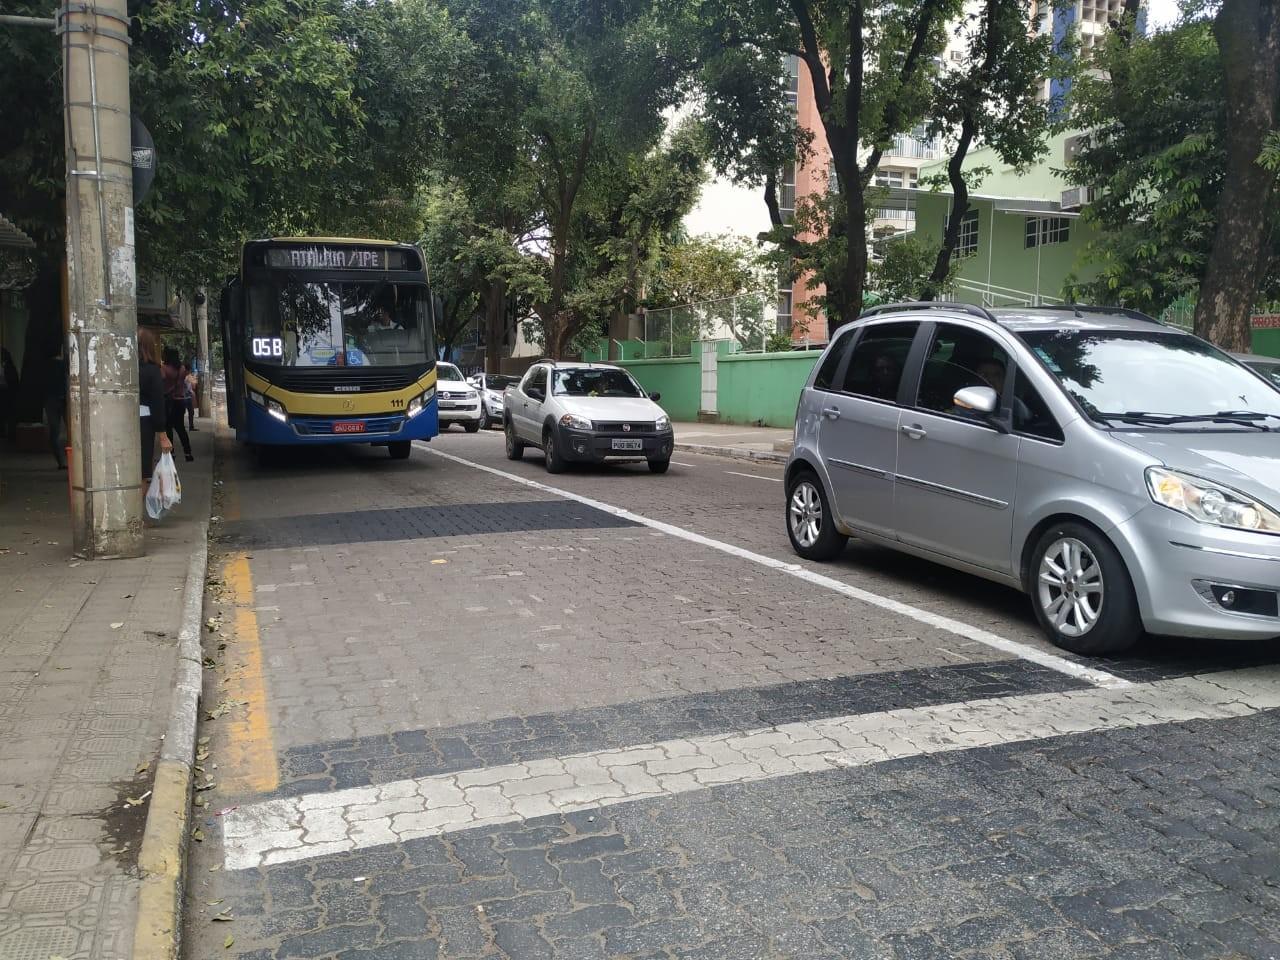 Governador Valadares recebe faixa exclusiva para transporte coletivo - Notícias - Plantão Diário